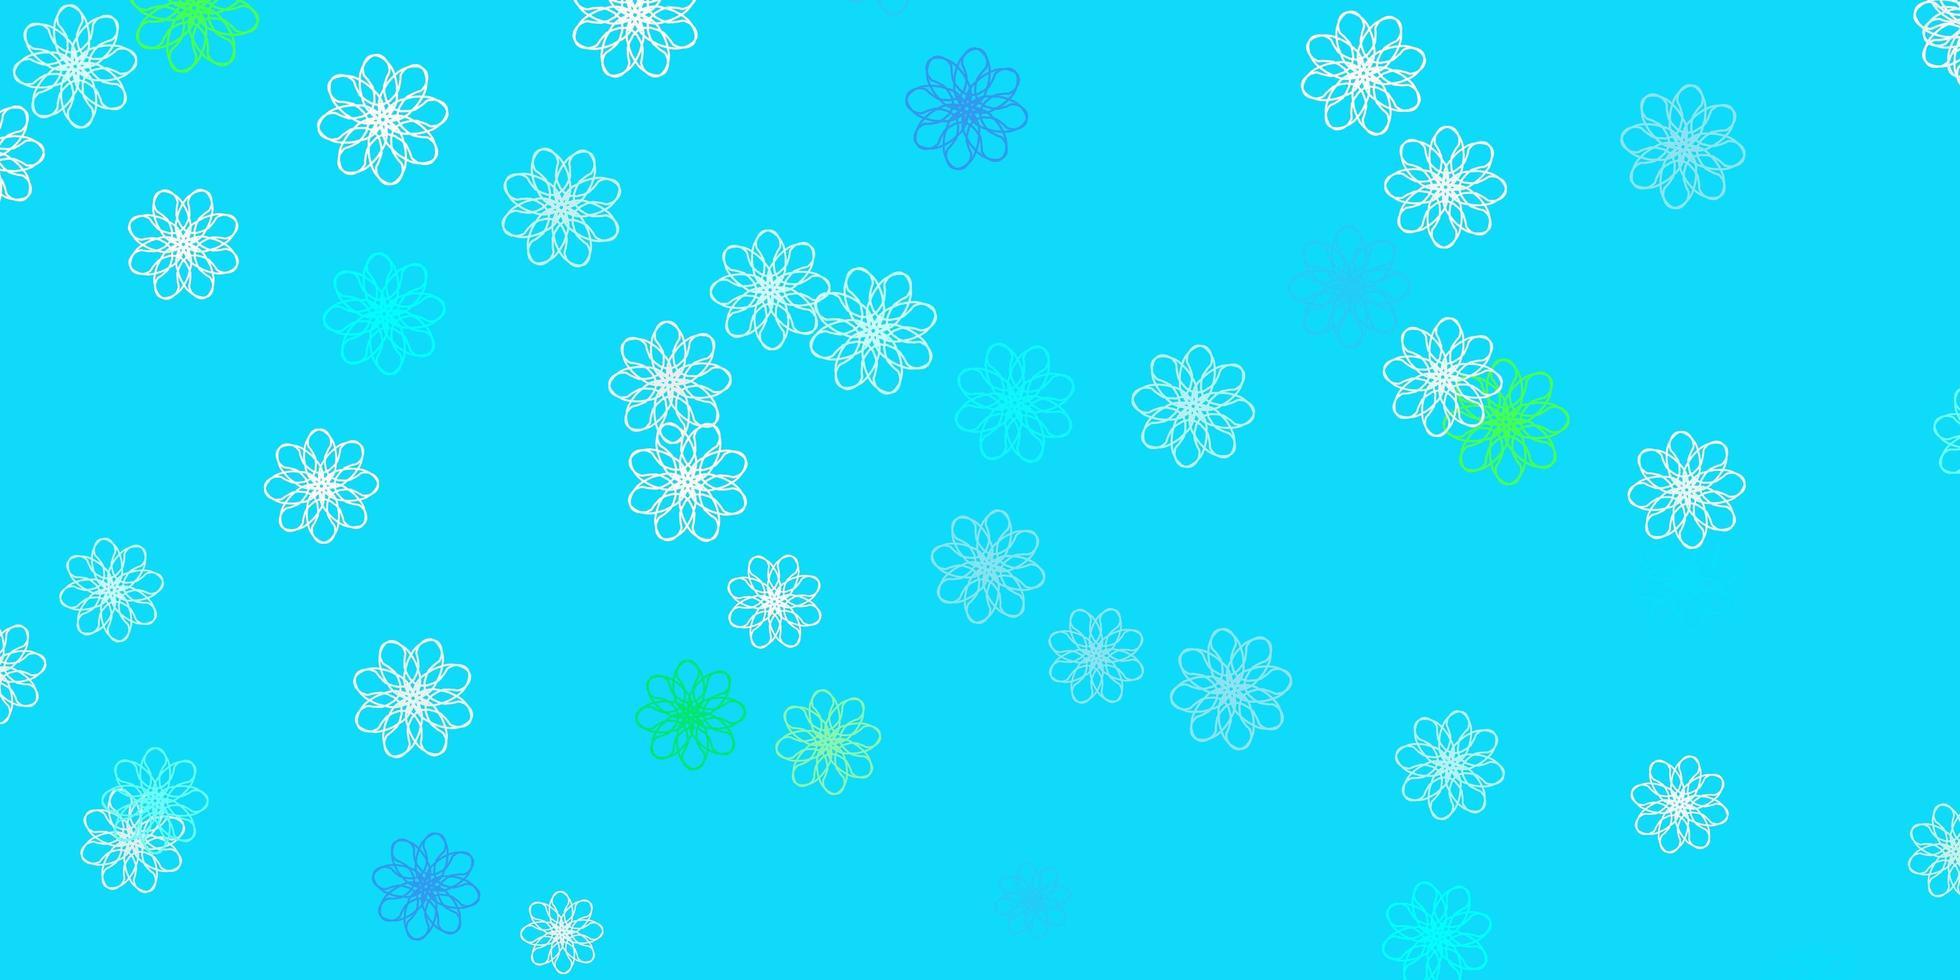 lichtblauw, groen vectorkrabbelpatroon met bloemen. vector